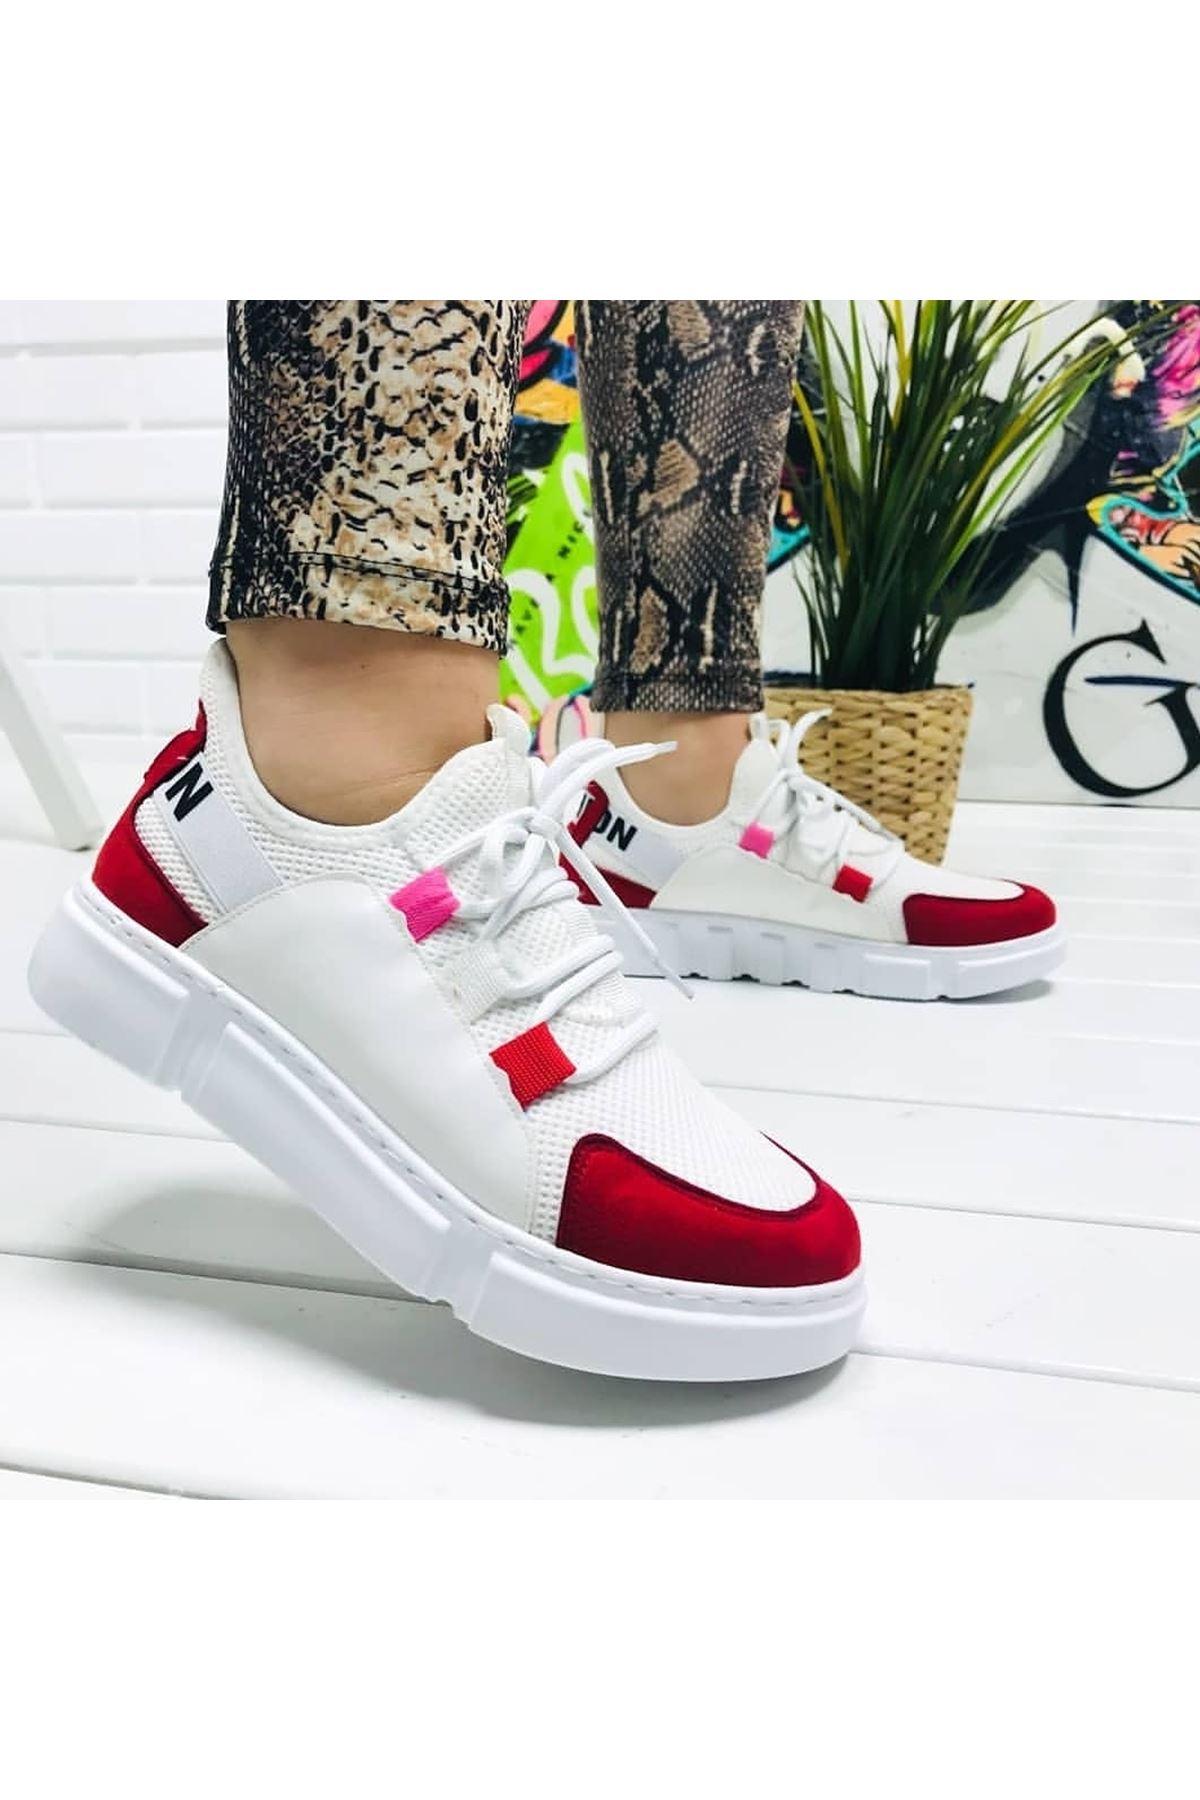 Fashion Yazı Detay Bayan Spor Ayakkabı Kırmızı